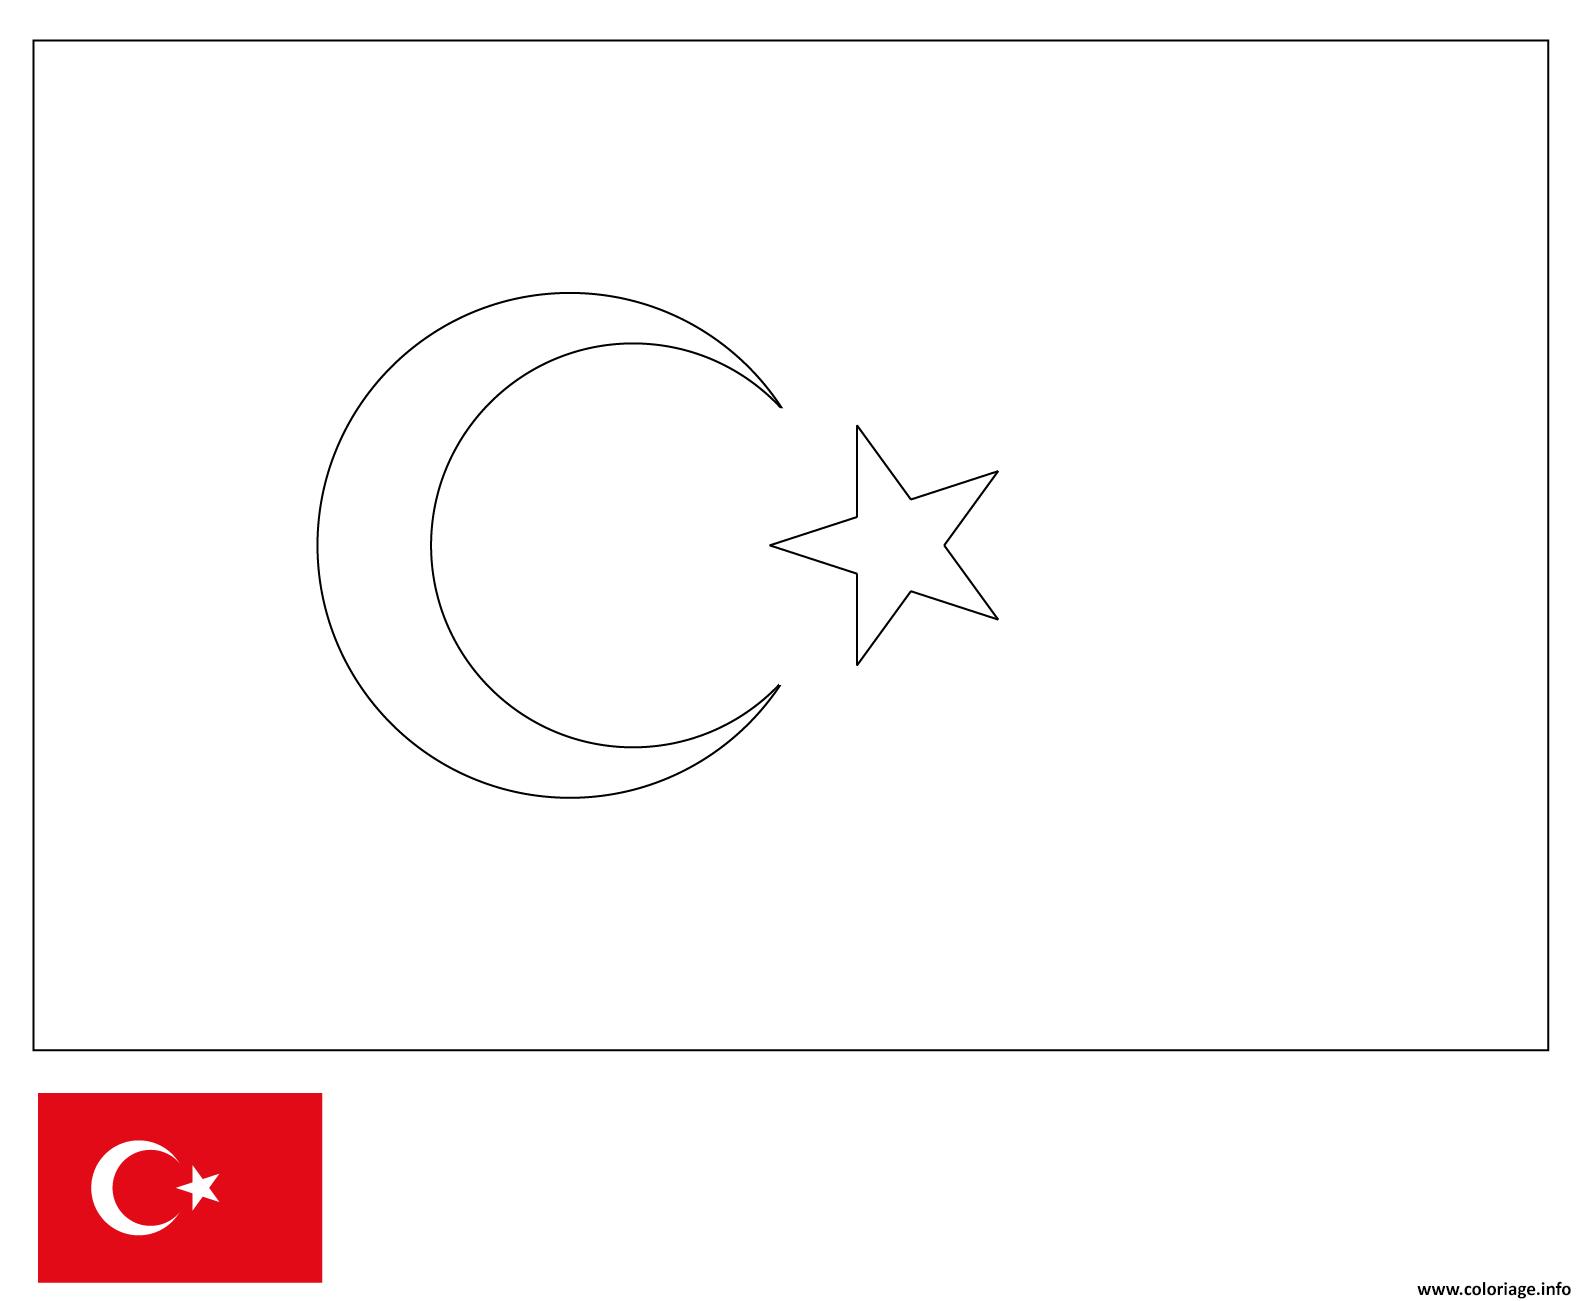 Dessin drapeau turquie Coloriage Gratuit à Imprimer